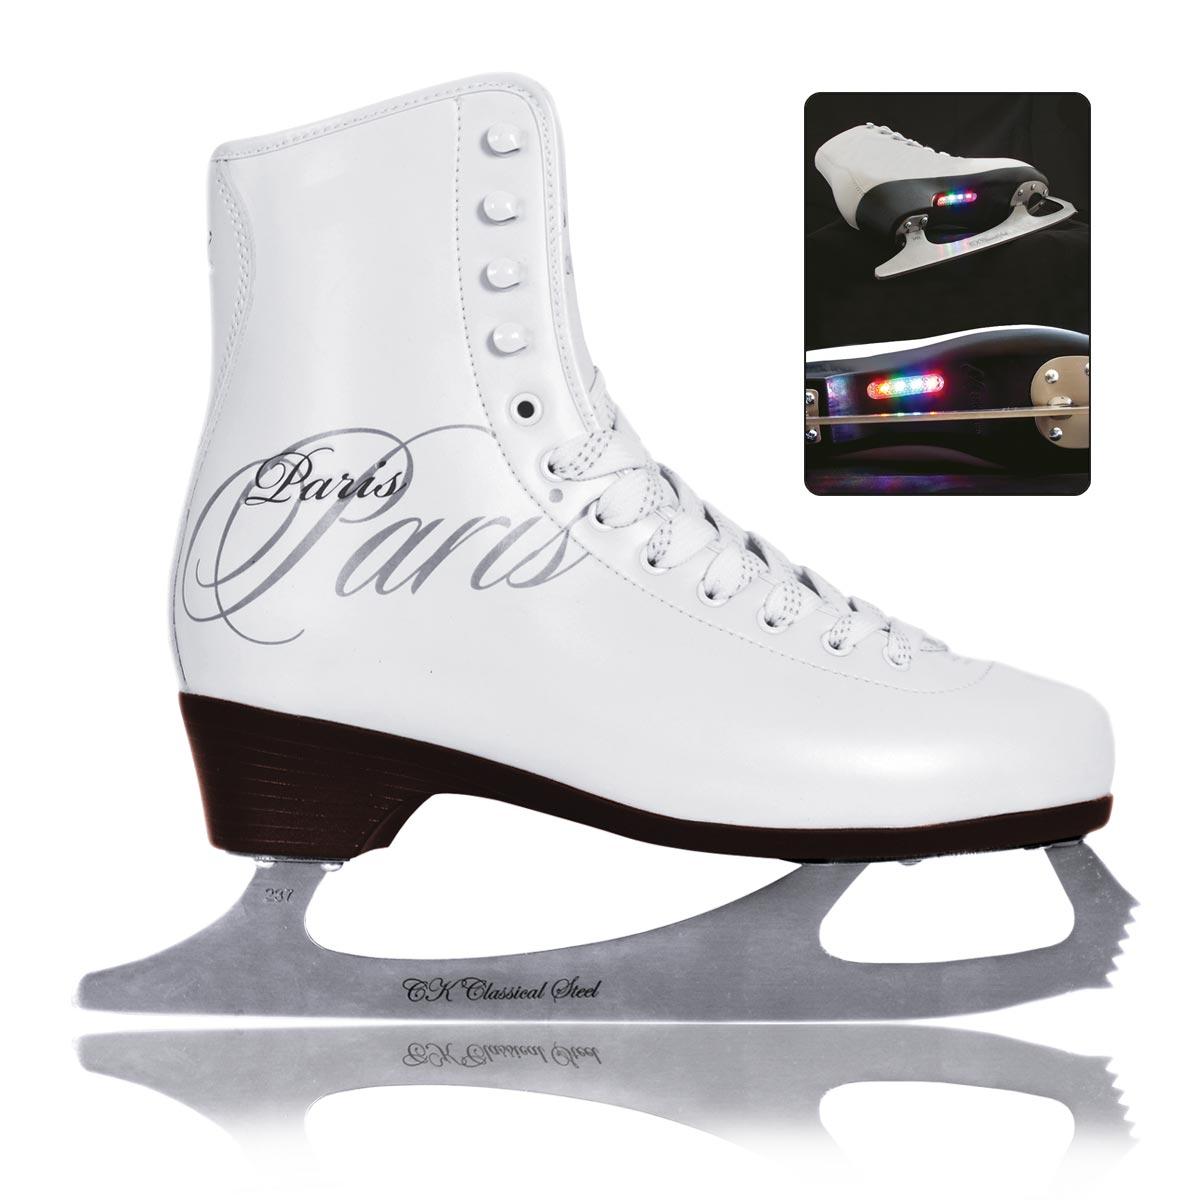 Коньки фигурные для девочки CK Paris Lux Tricot, цвет: белый. Размер 31